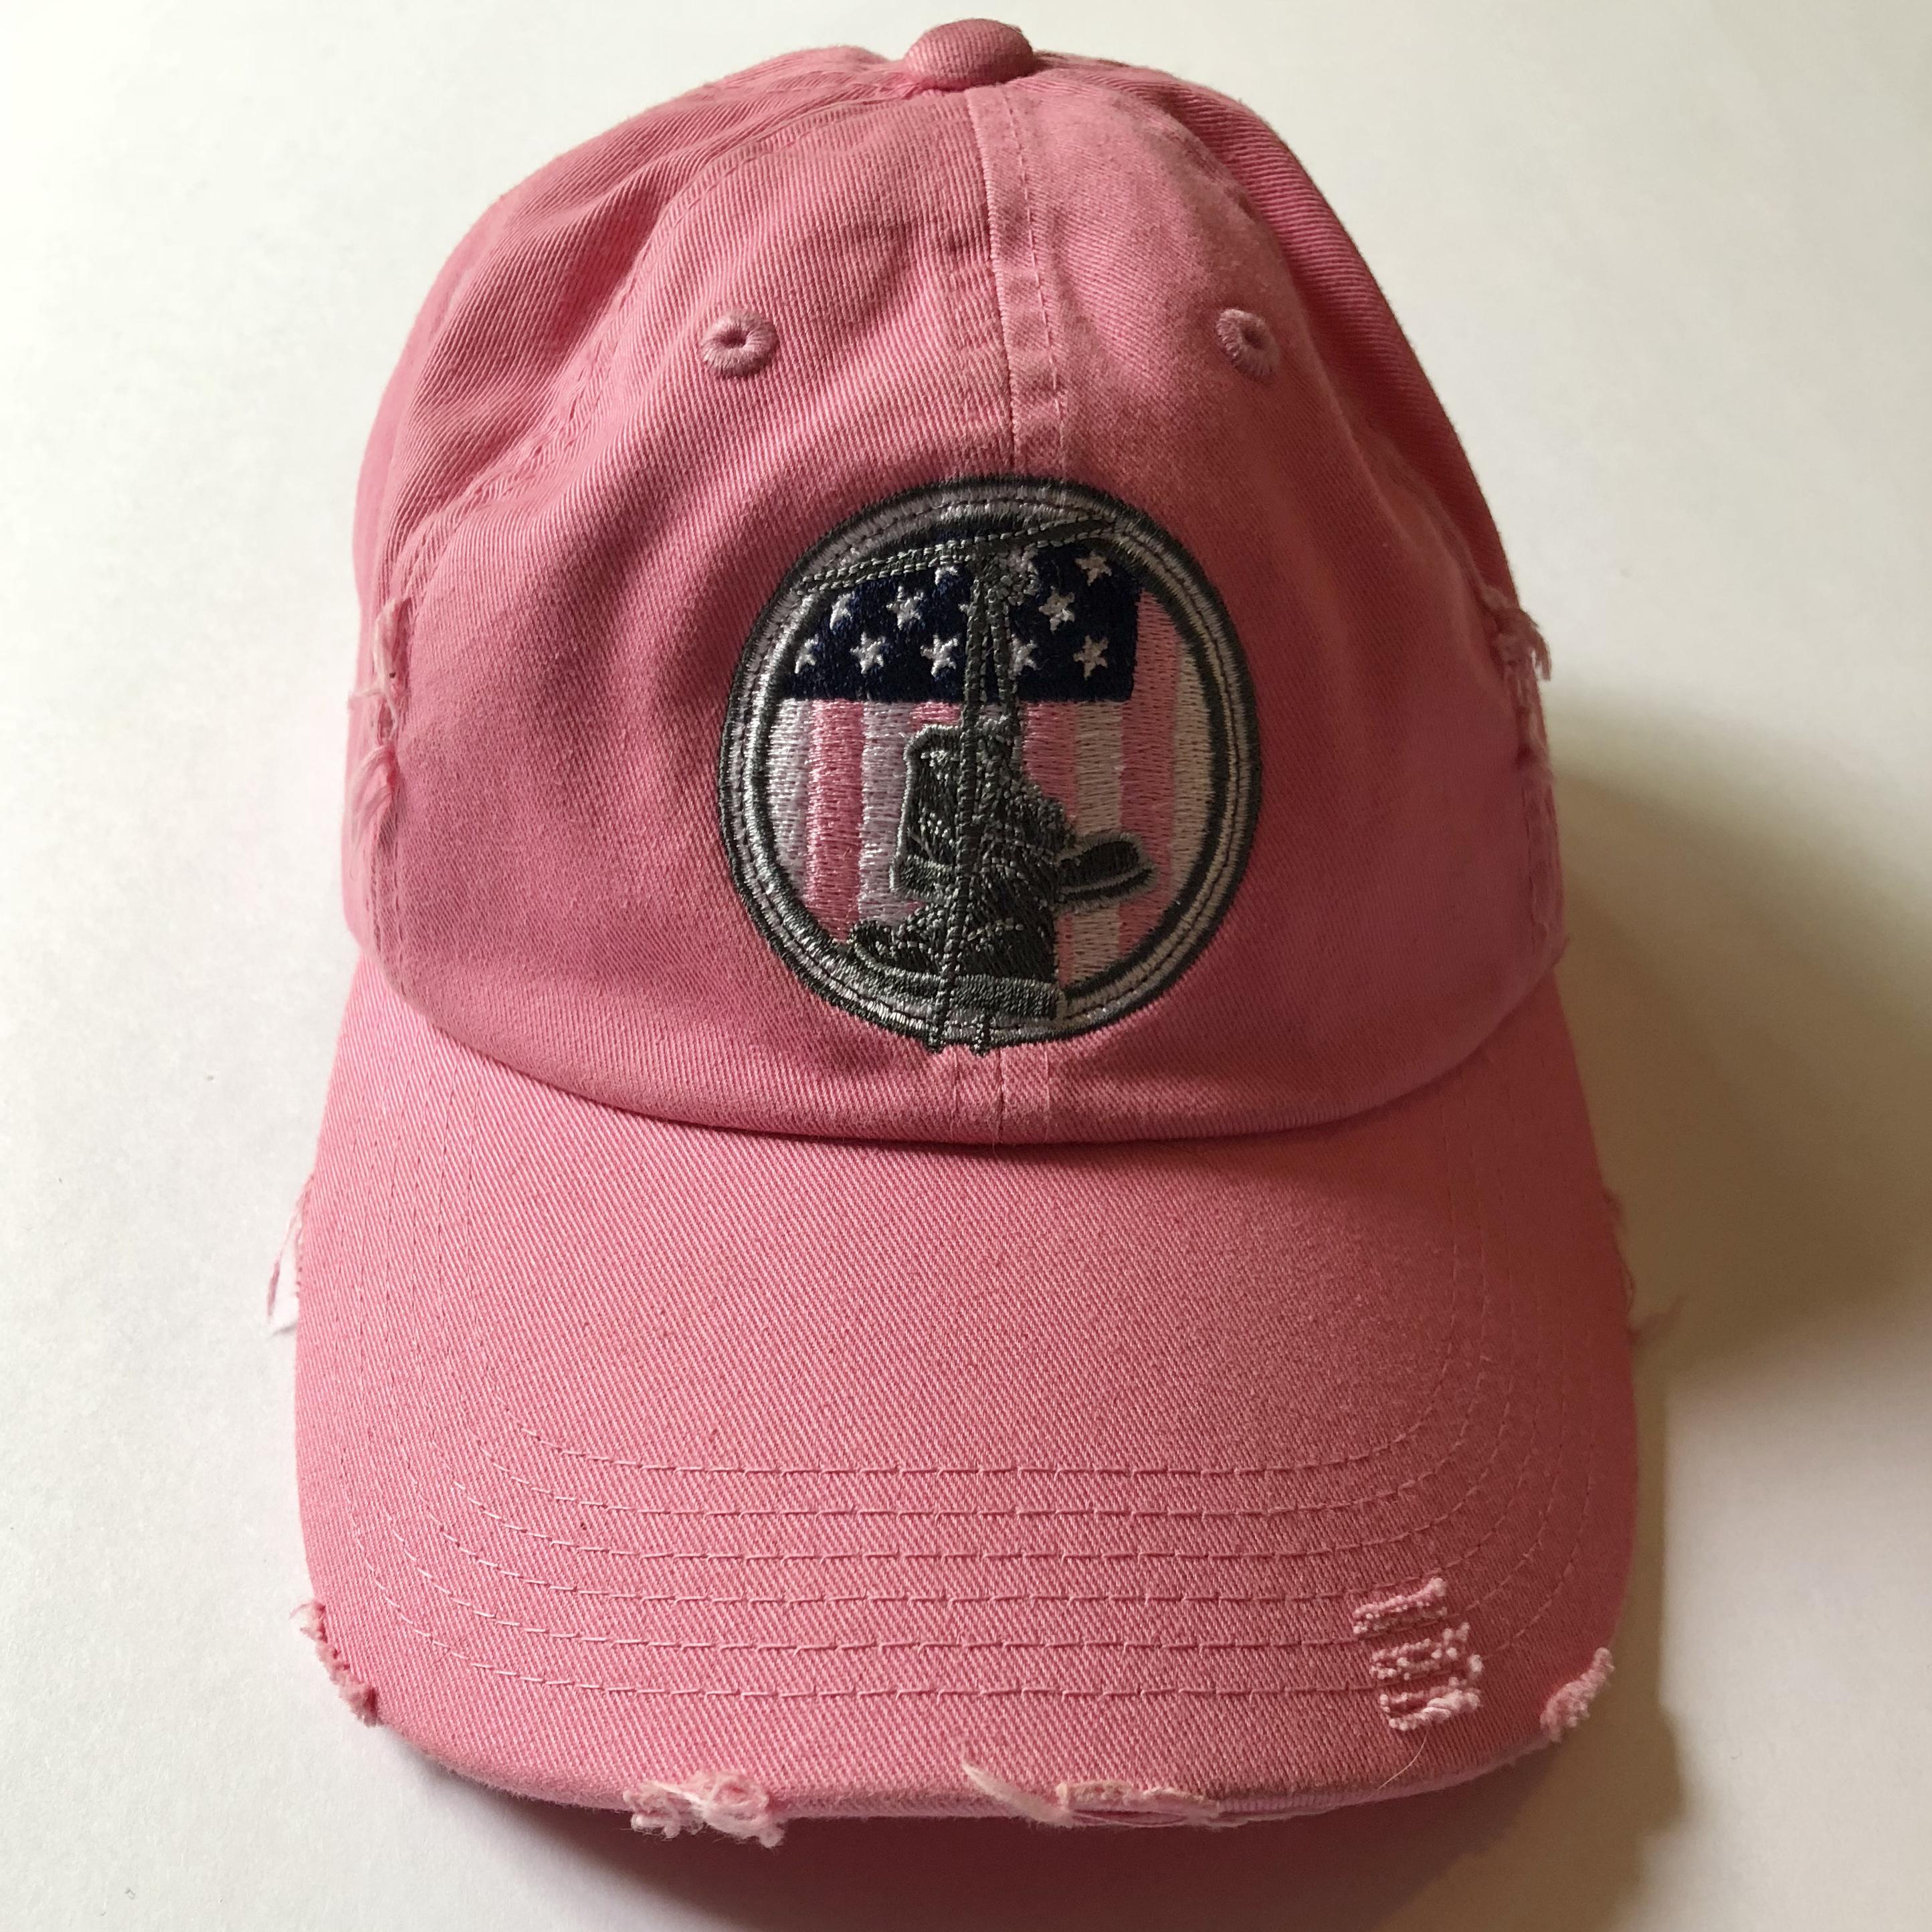 The Heroes Journey Women's Ball Cap - Pink 00007